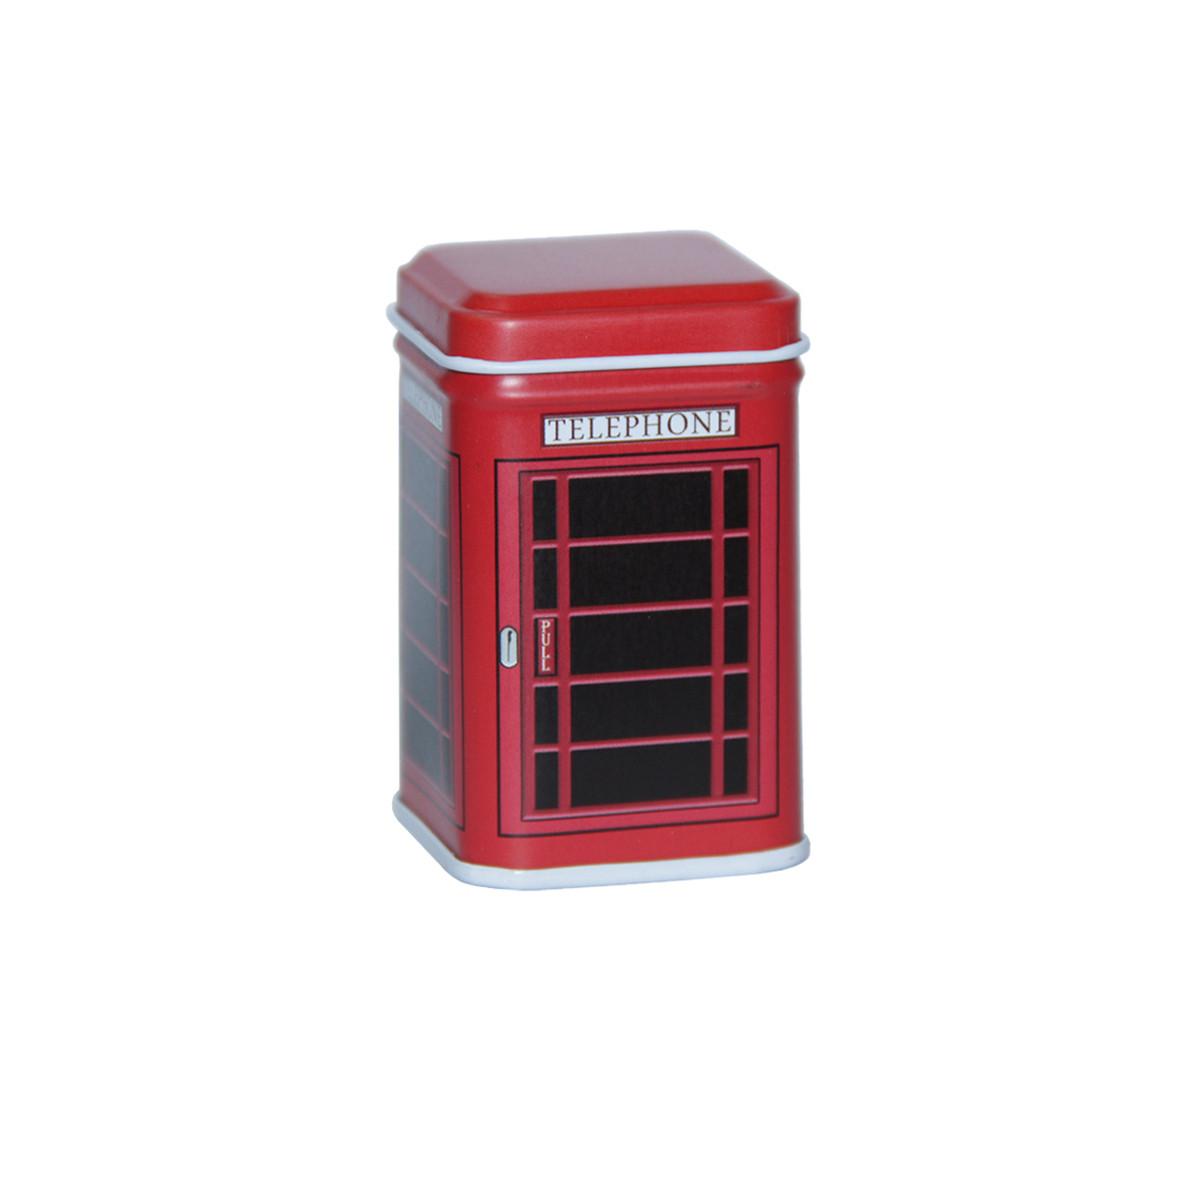 Маленькая коробка для чая и кофе Фентези Телефонная будка, 25г ( коробочка для сыпучих )